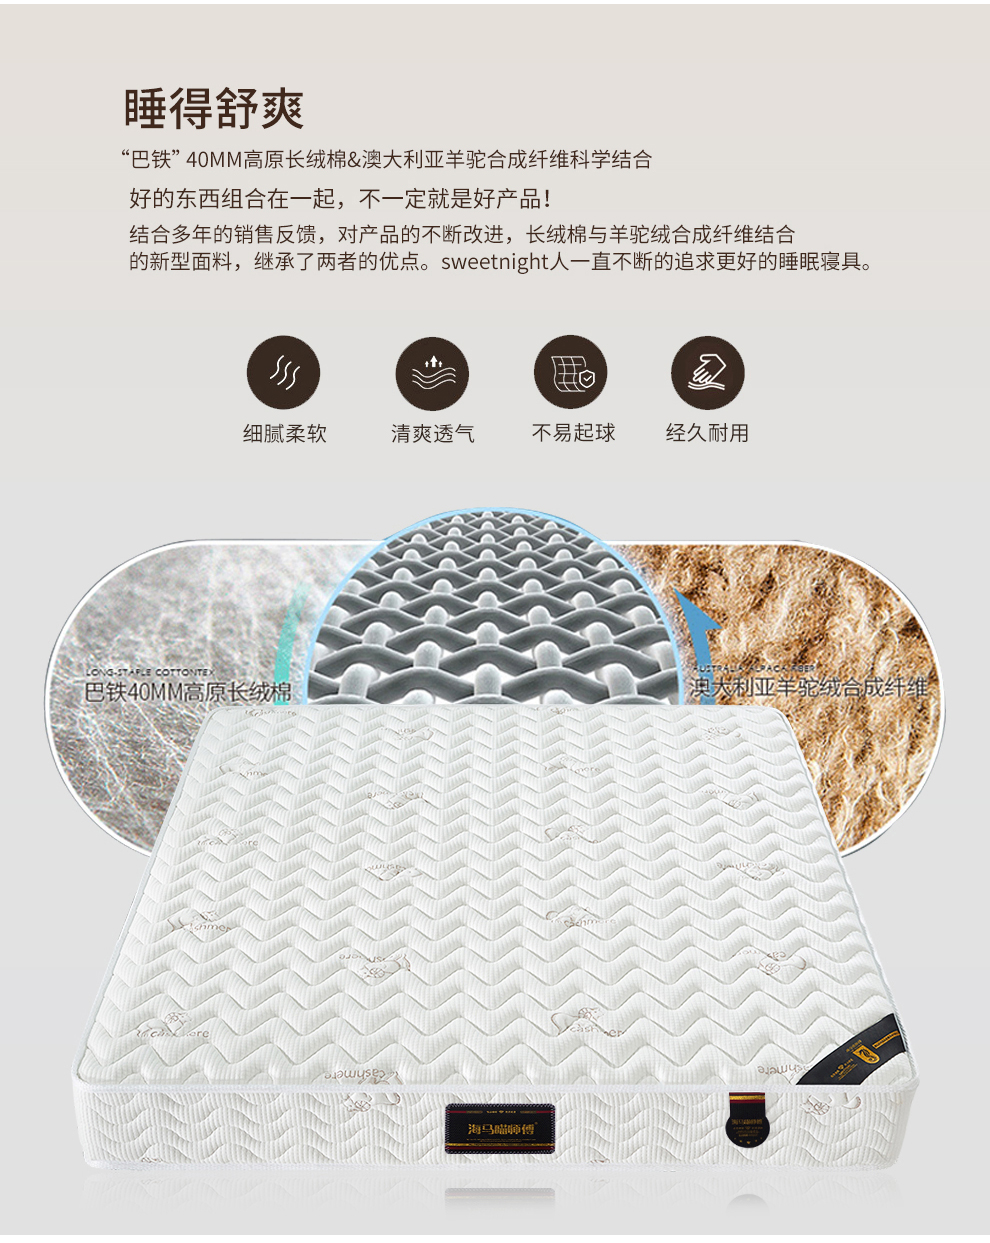 海马床垫1.81.5m床1.2米软硬两用弹簧3E椰棕乳胶席梦思床垫软硬两用20cm加厚床垫子定制折叠特惠型:精钢弹簧+海绵+羊绒软硬适中厚22厘米1000*2000